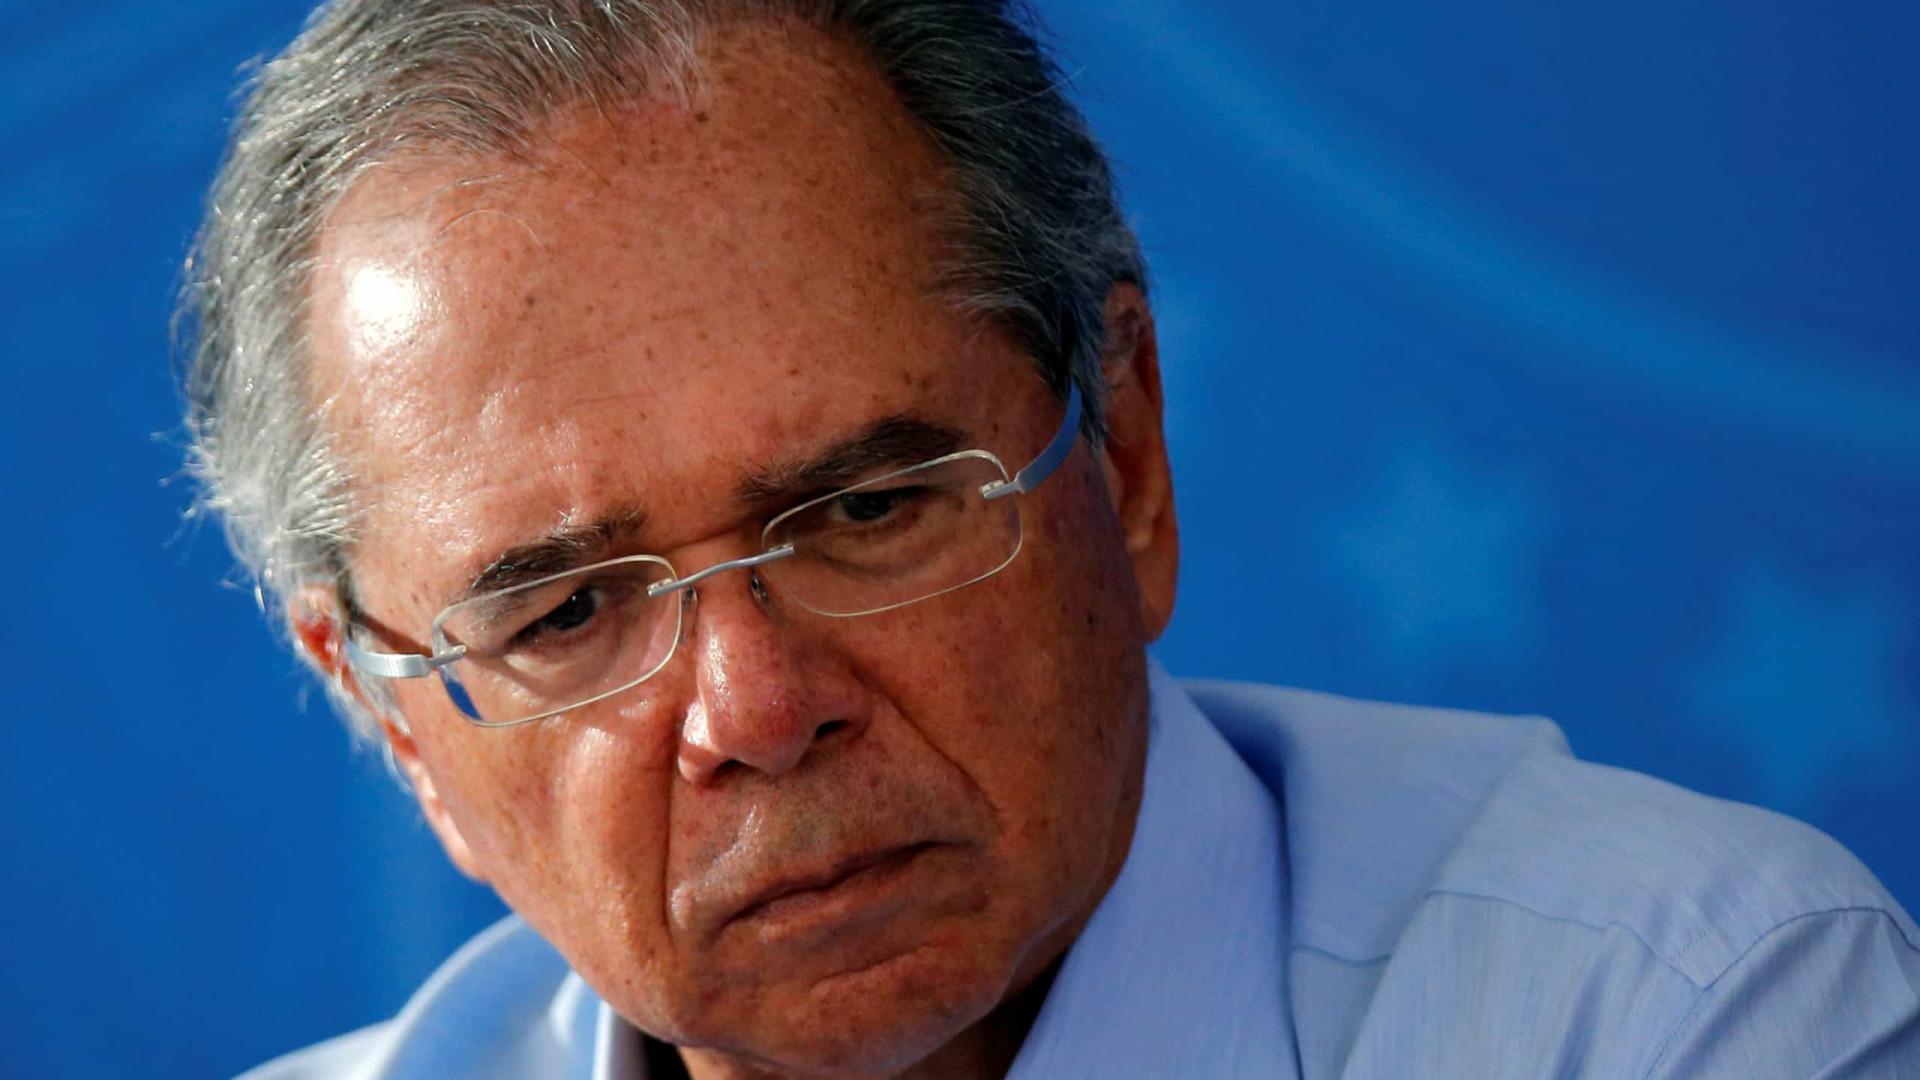 Guedes diz que as projeções do PIB brasileiro pelo FMI estarão erradas